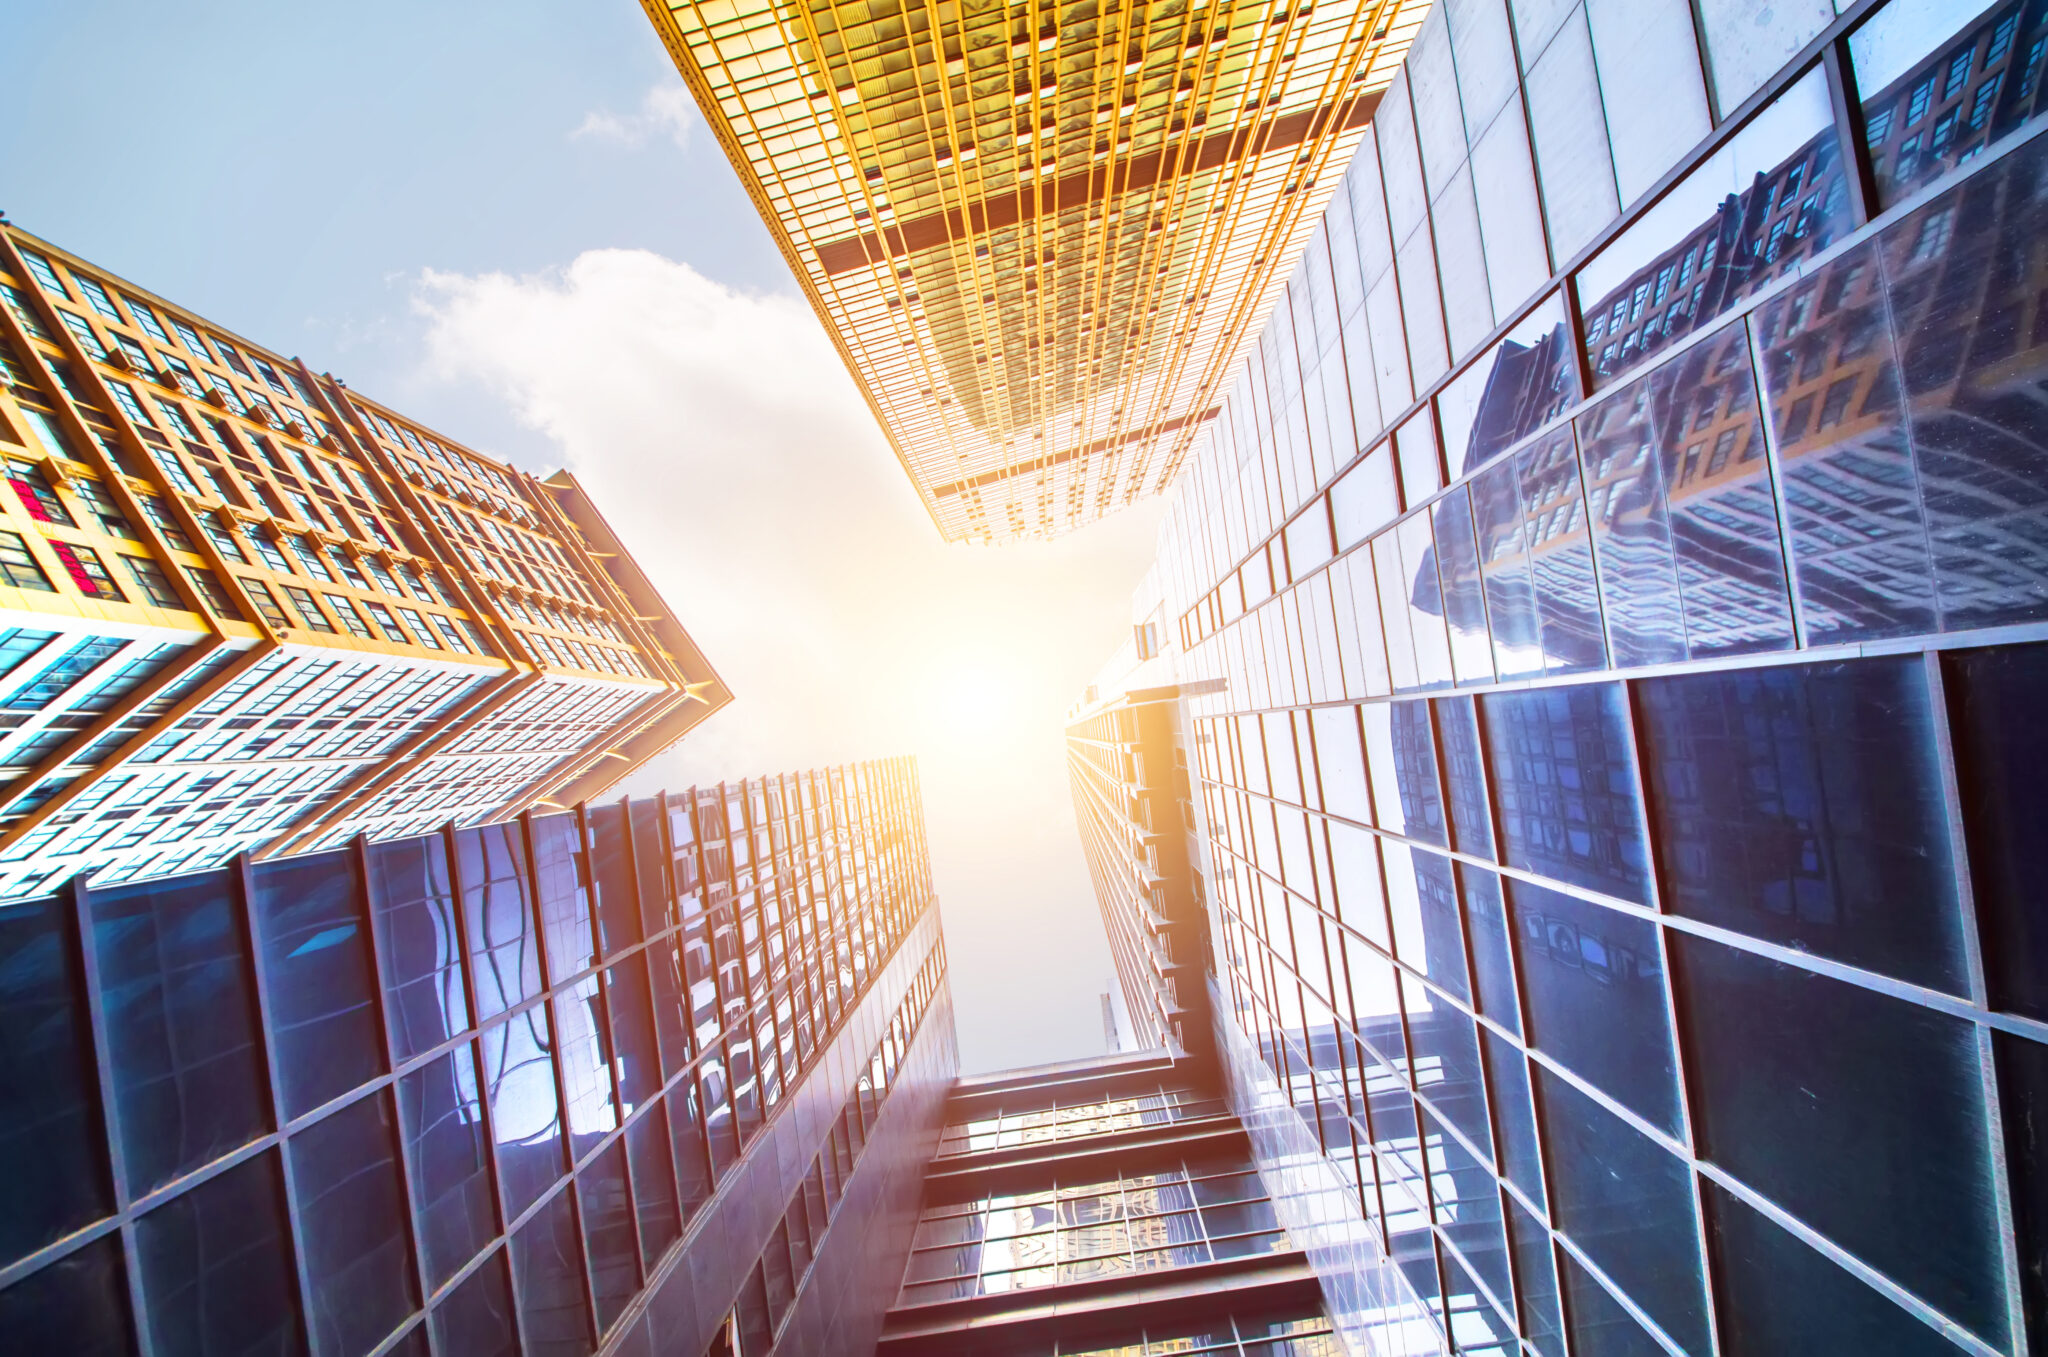 Empresas imobiliárias do lucro presumido podem ter benefício tributário na venda de imóveis